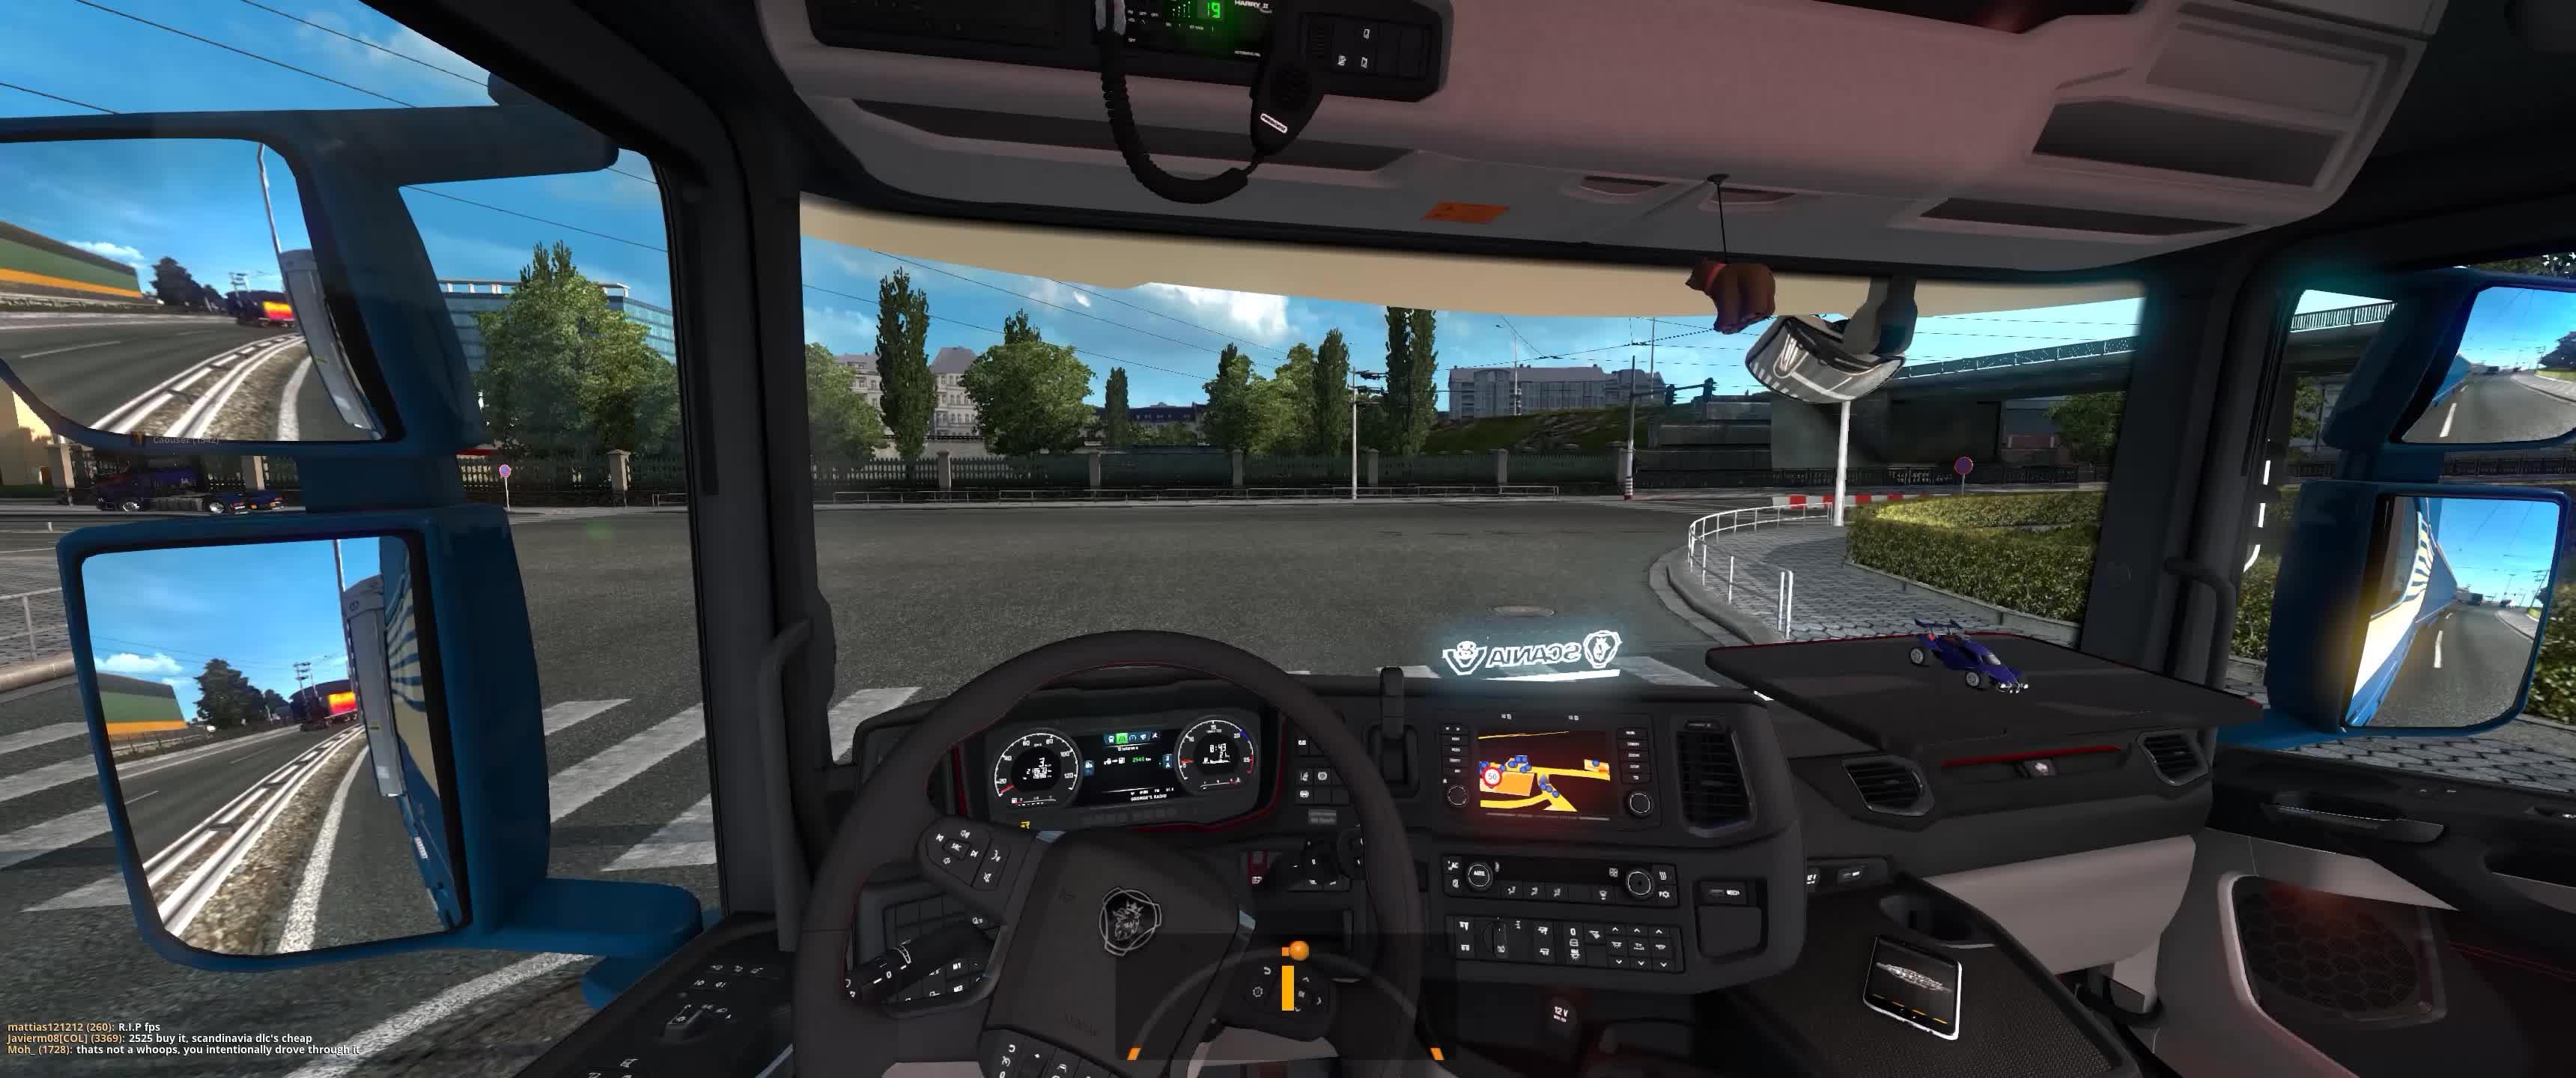 Euro Truck Simulator 2 2019 04 03 21 35 14 09 DVR Mp 4